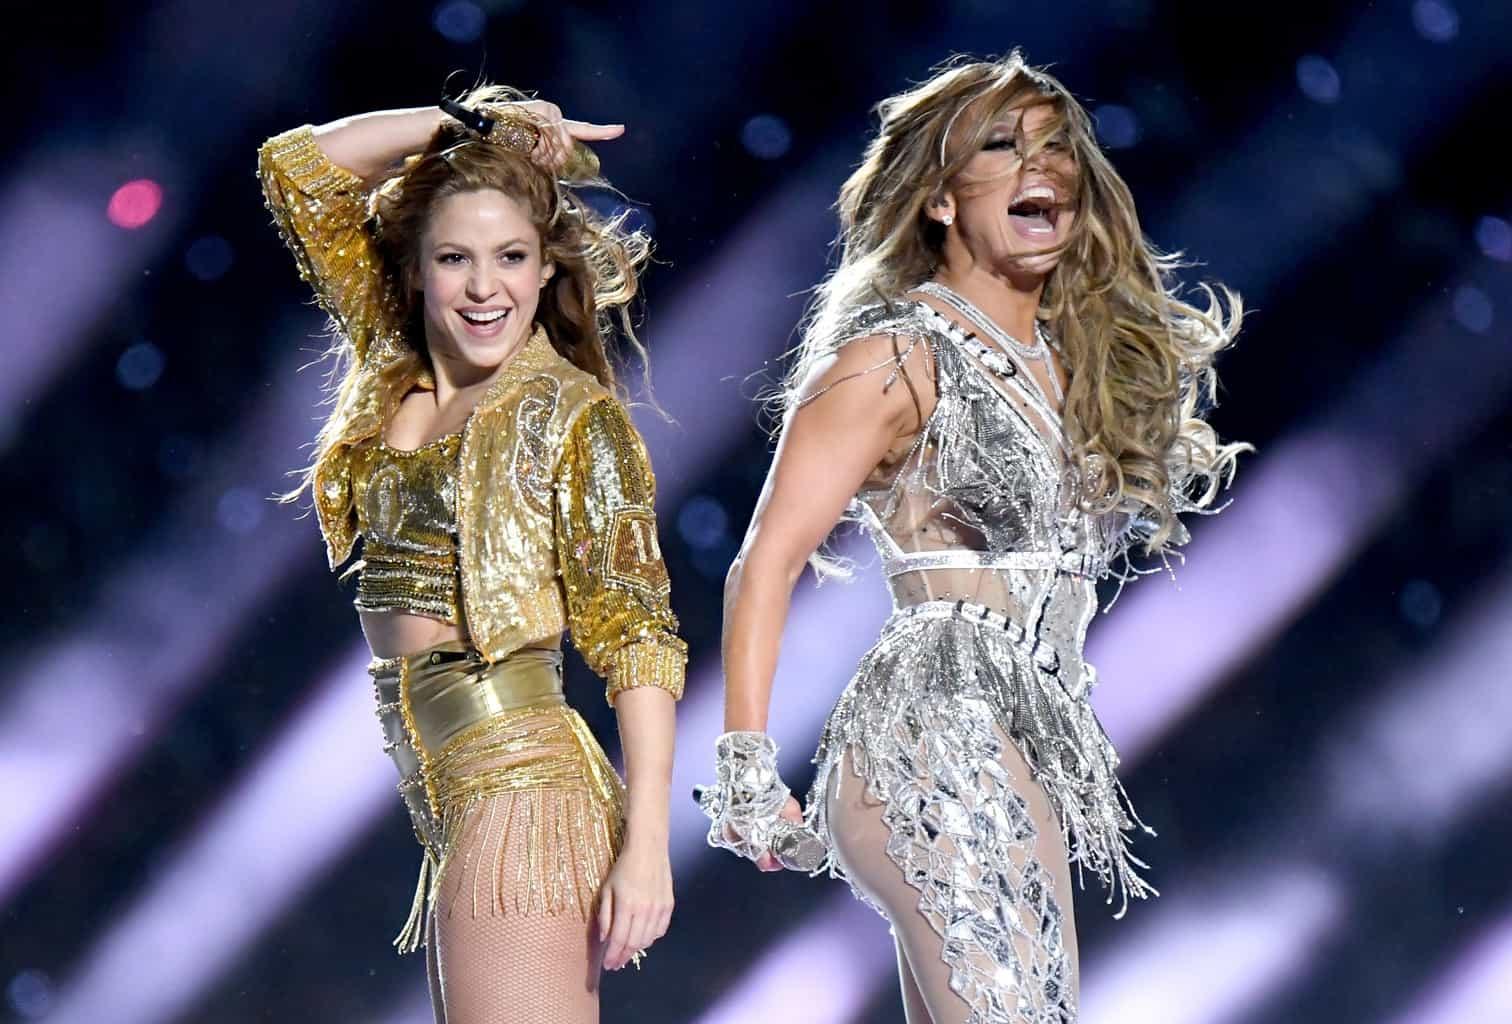 JLo and Shakira